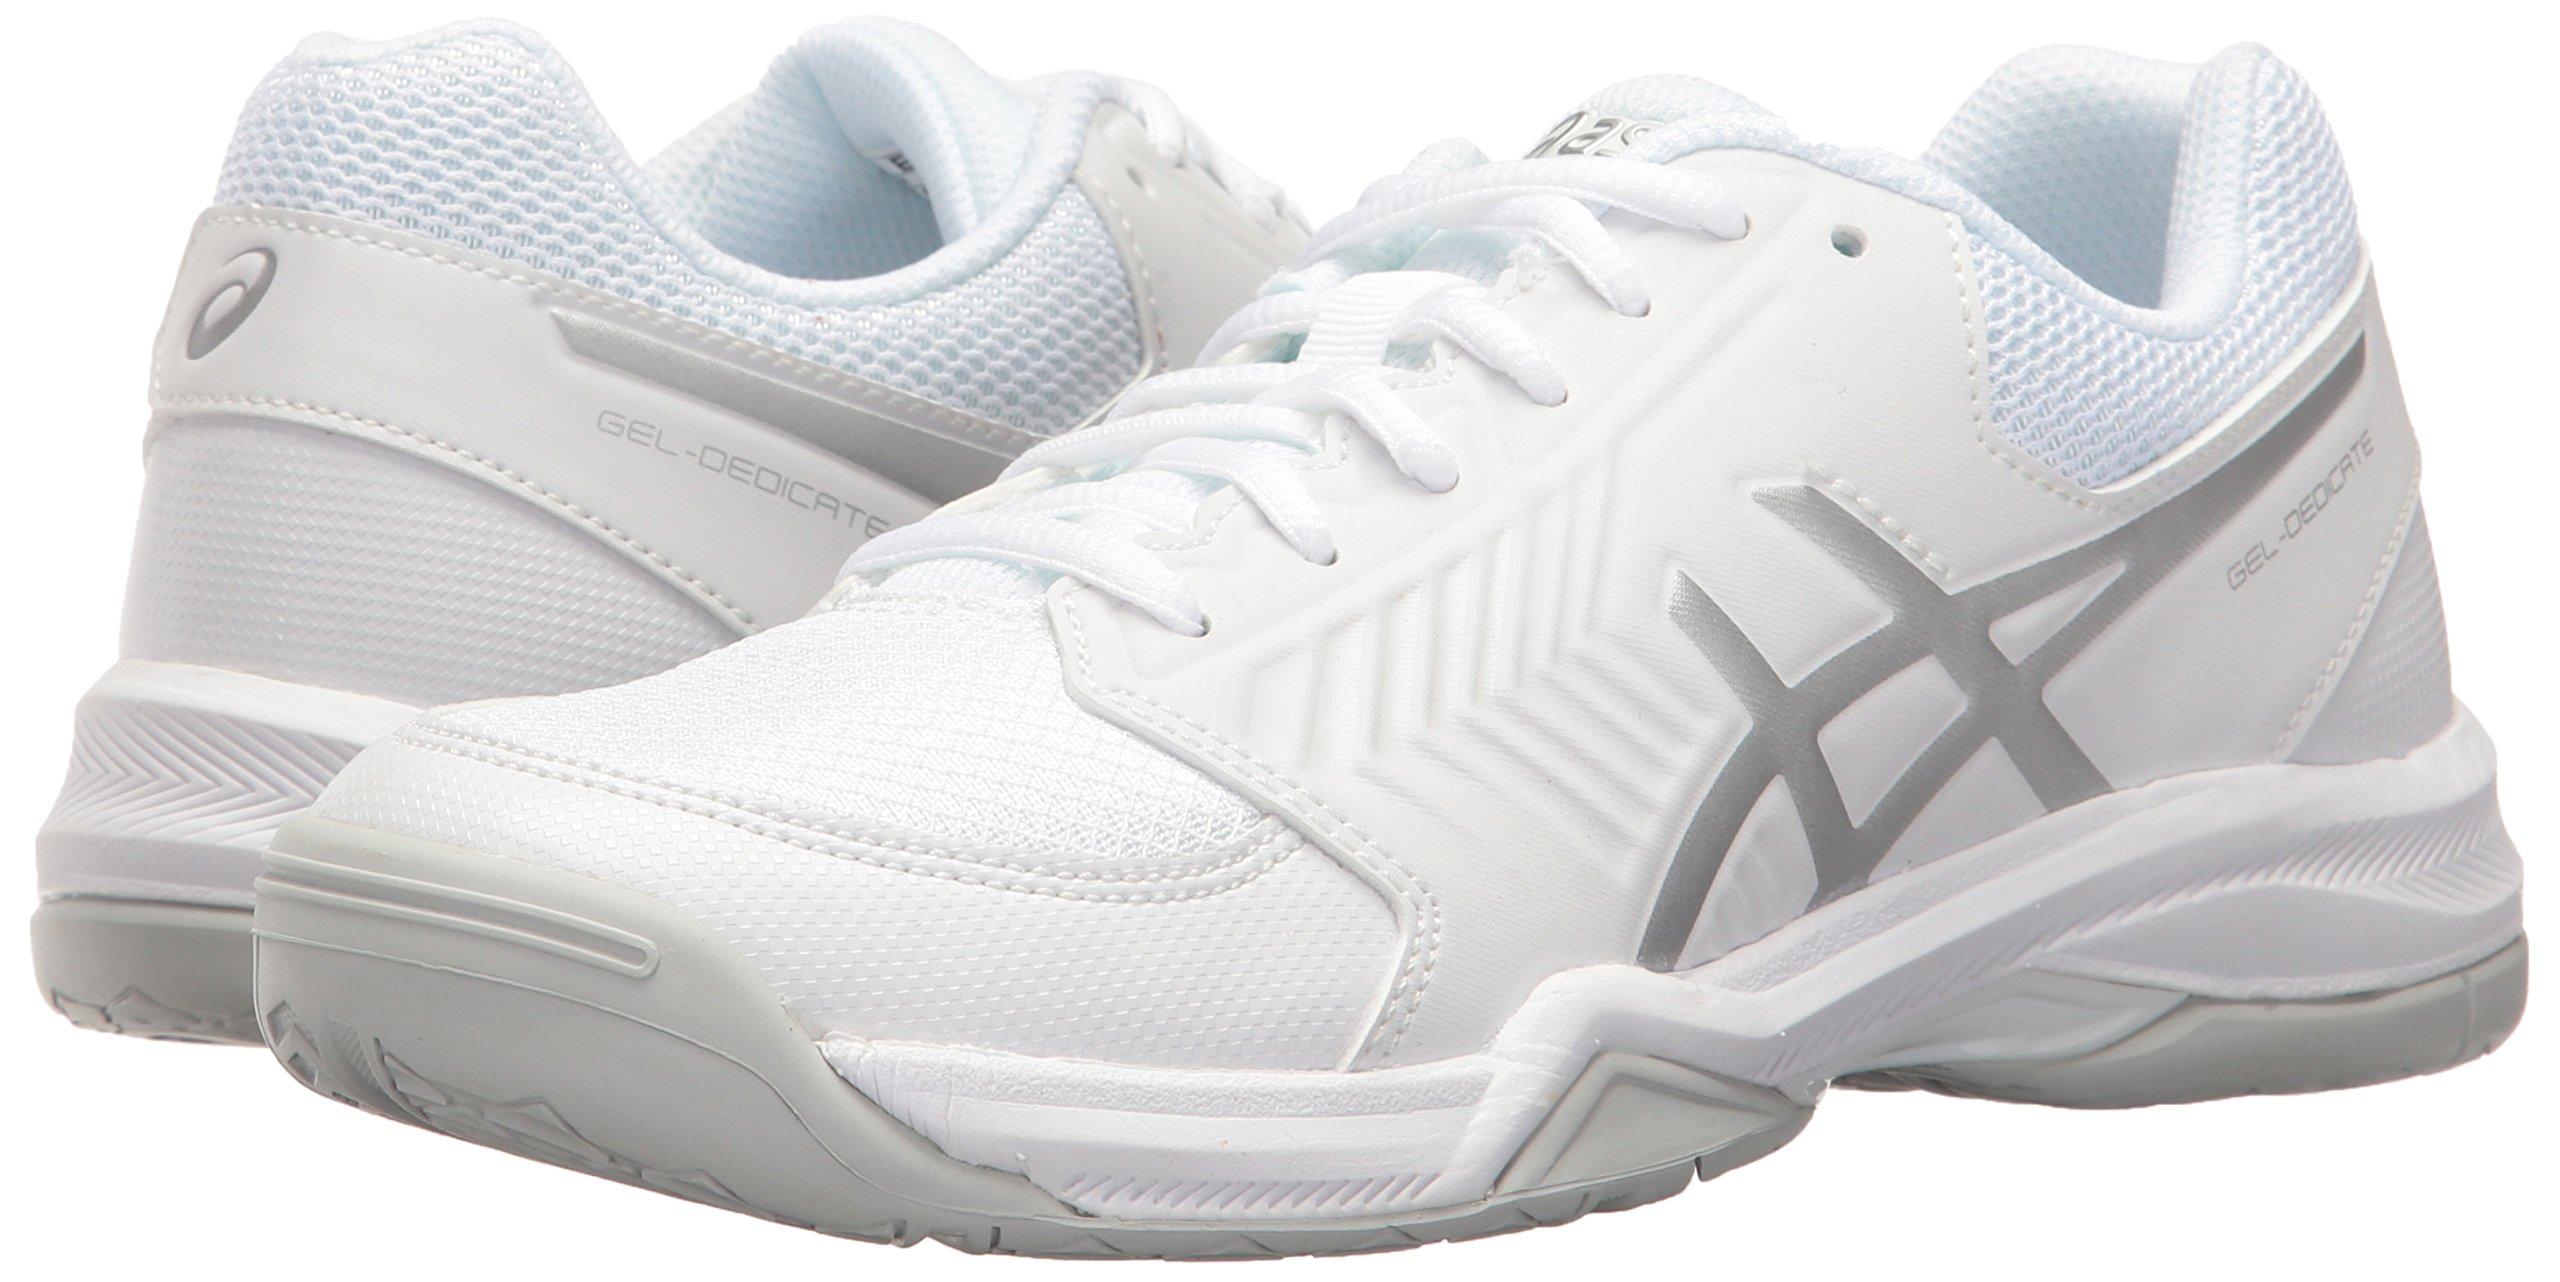 ASICS Women's Gel-Dedicate 5 Tennis Shoe White/Silver 5.5 M US by ASICS (Image #6)